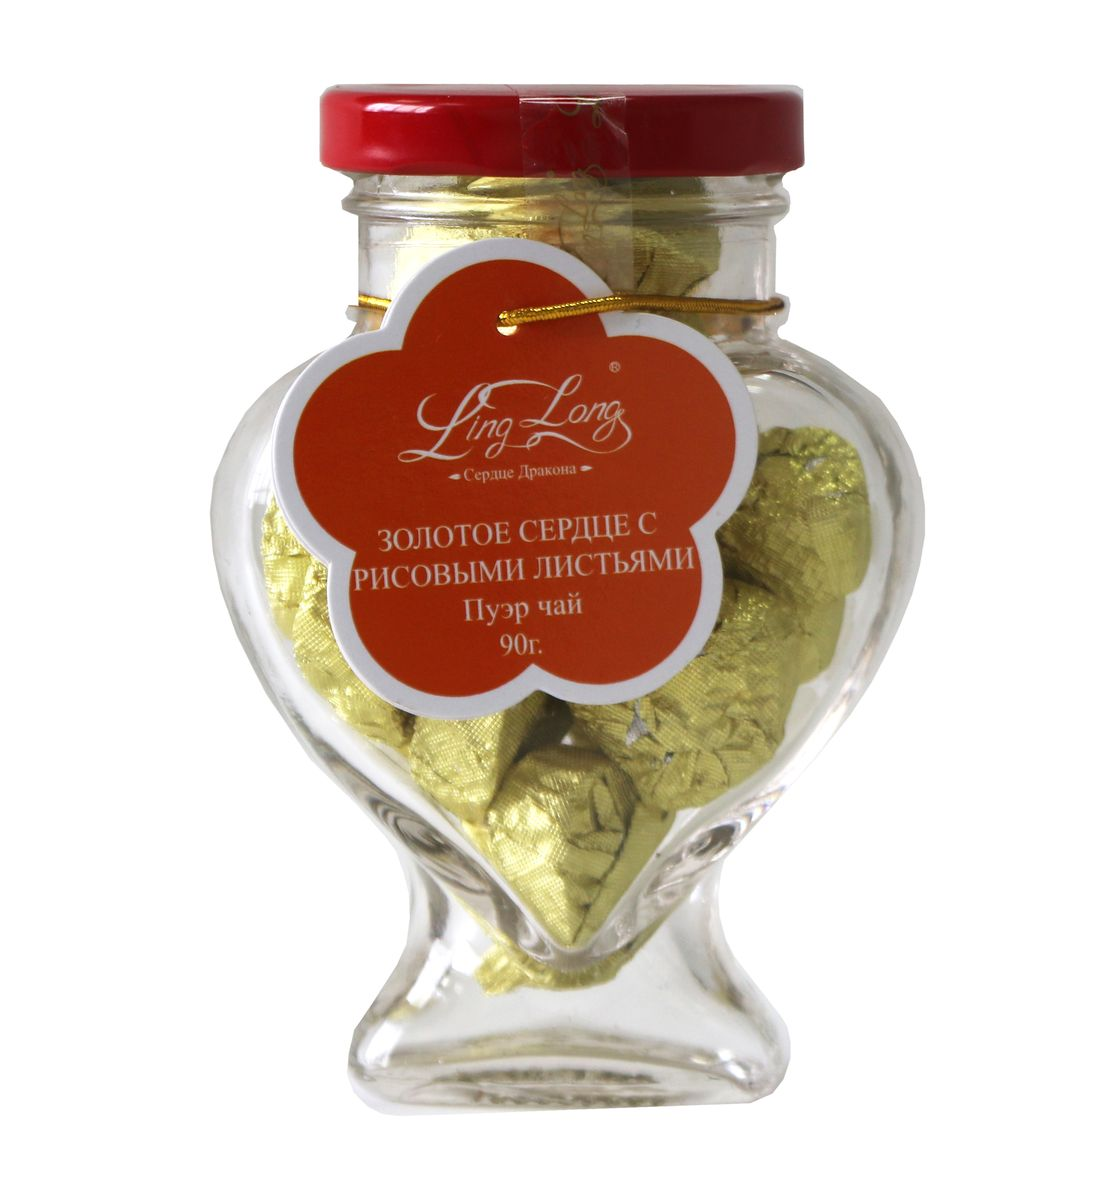 Ling Long Золотое сердце с рисовыми листьями черный листовой чай пуэр, 90 г (стеклянная банка)